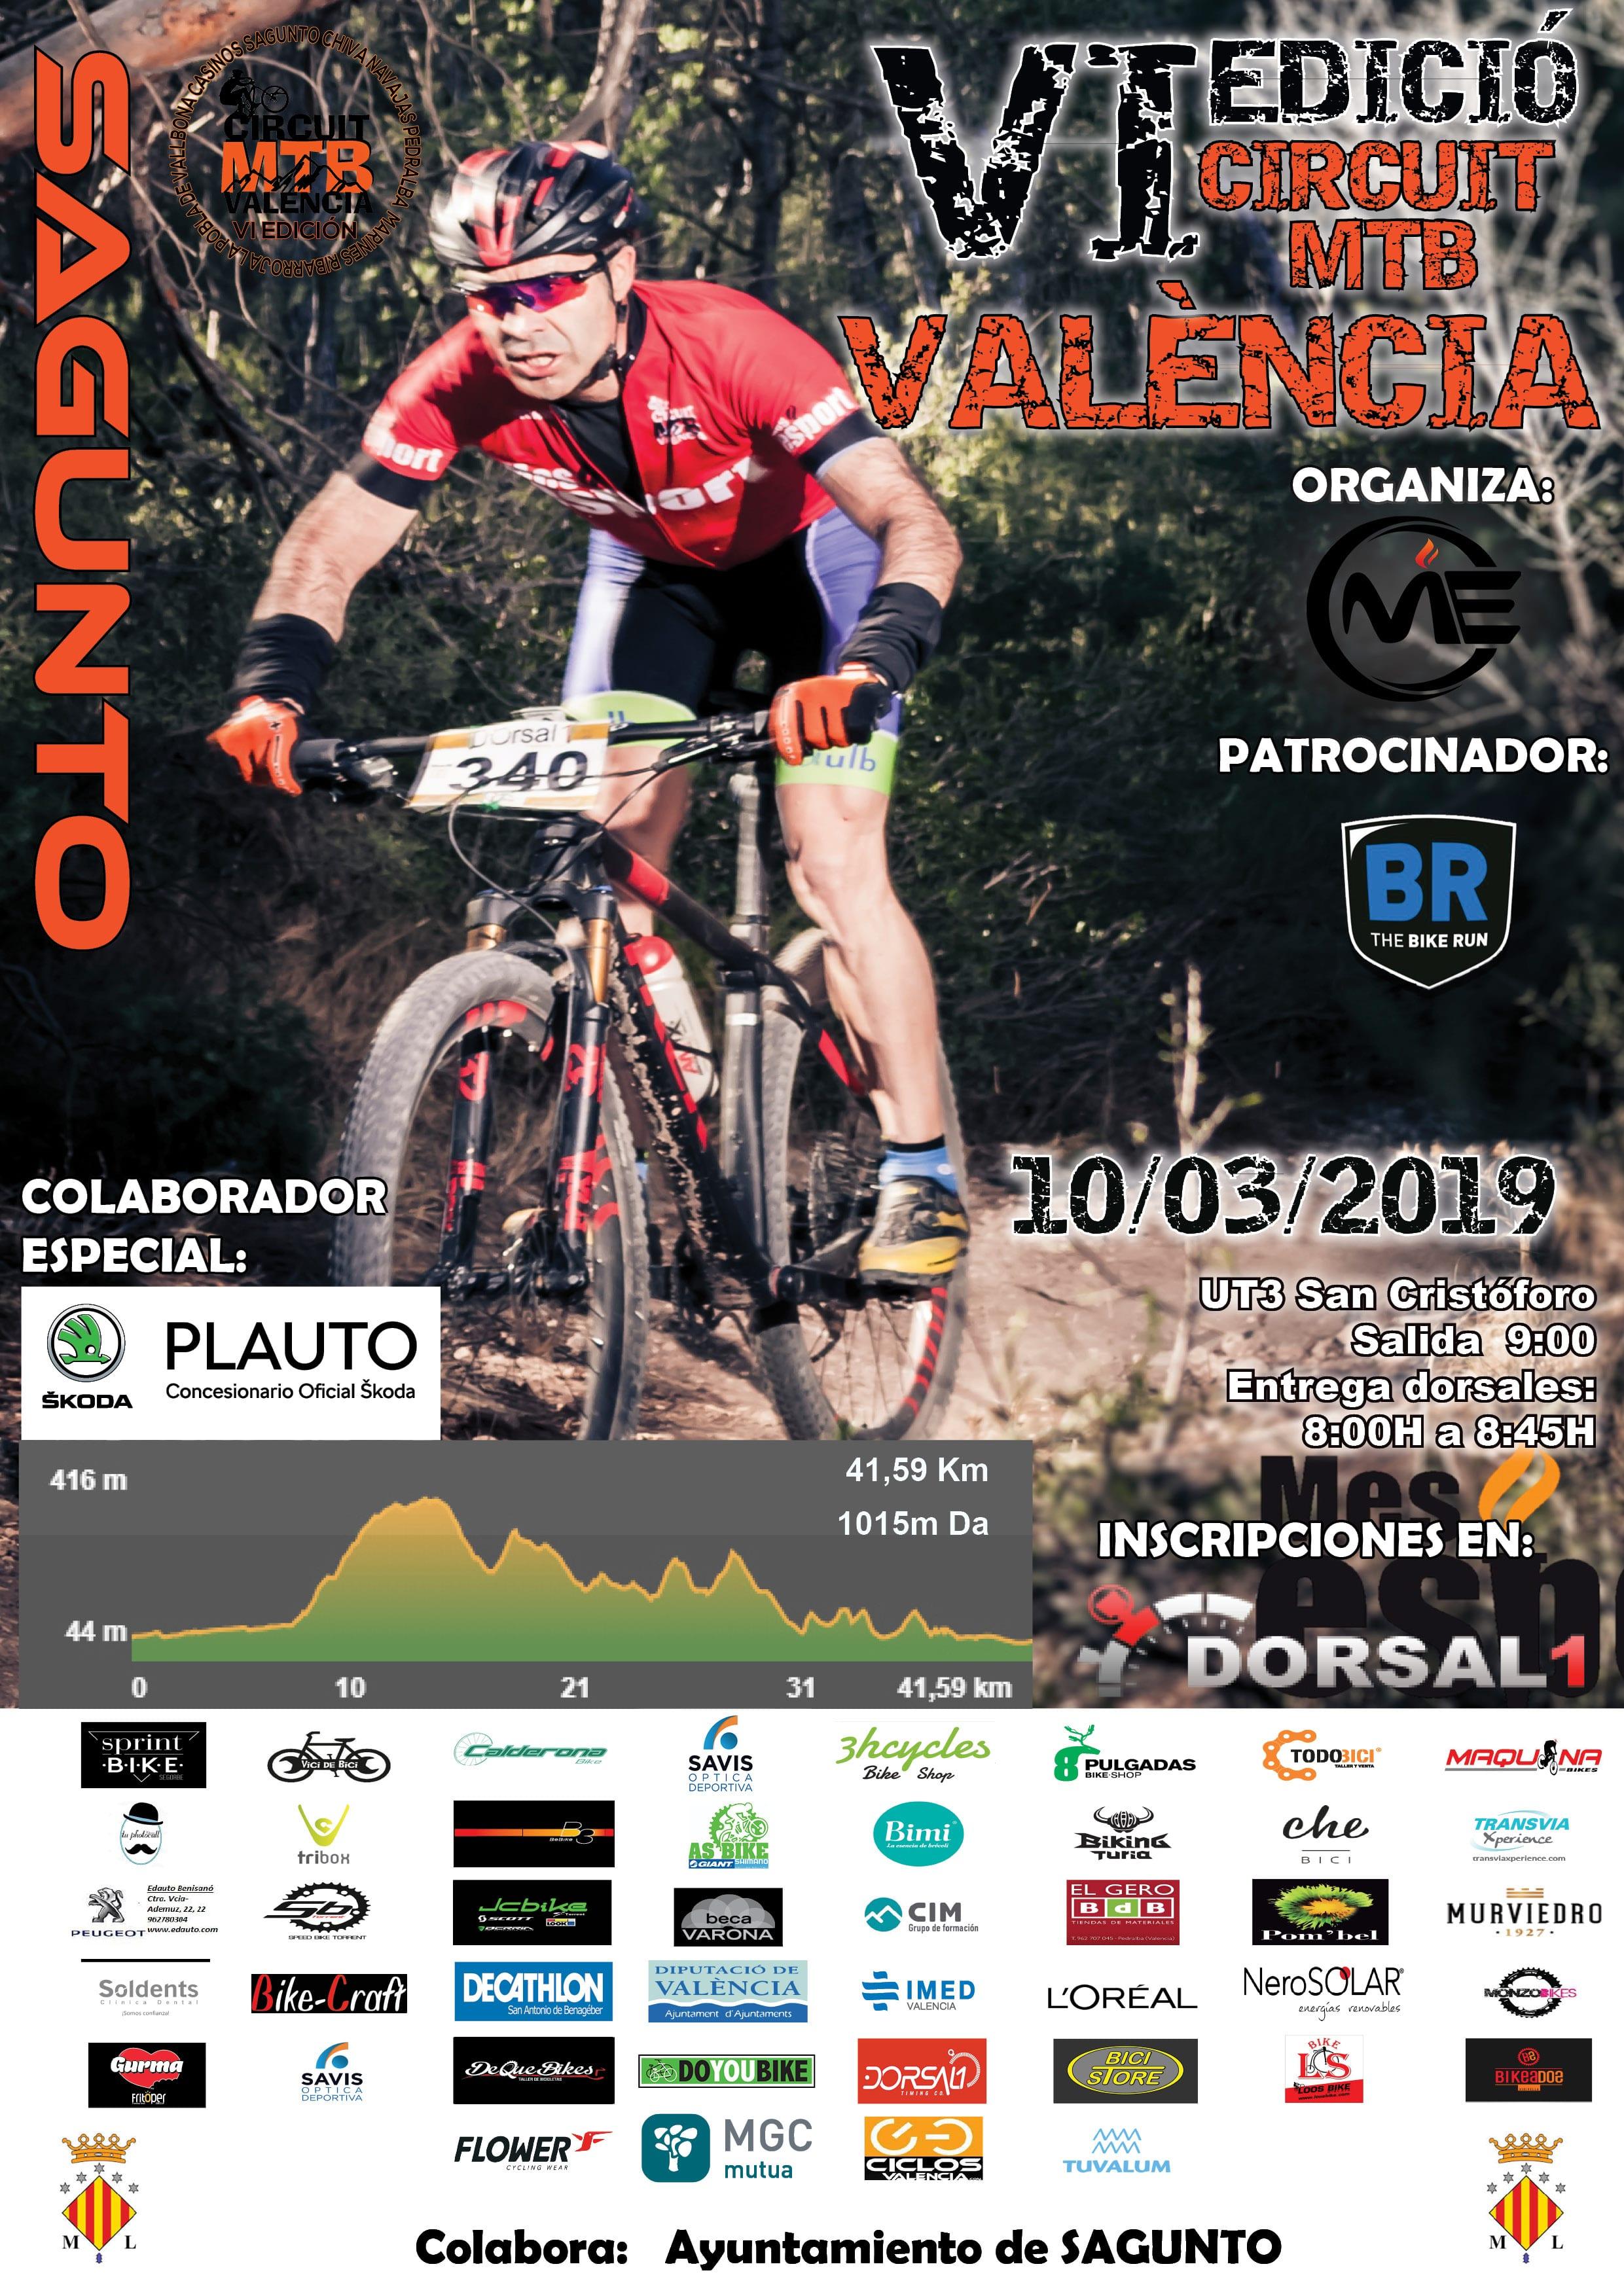 Marcha sagunto, fotos marcha sagunto, fotos sagunto, marcha btt sagunto, marcha mtb sagunto, bici, Circuit MTB Valencia